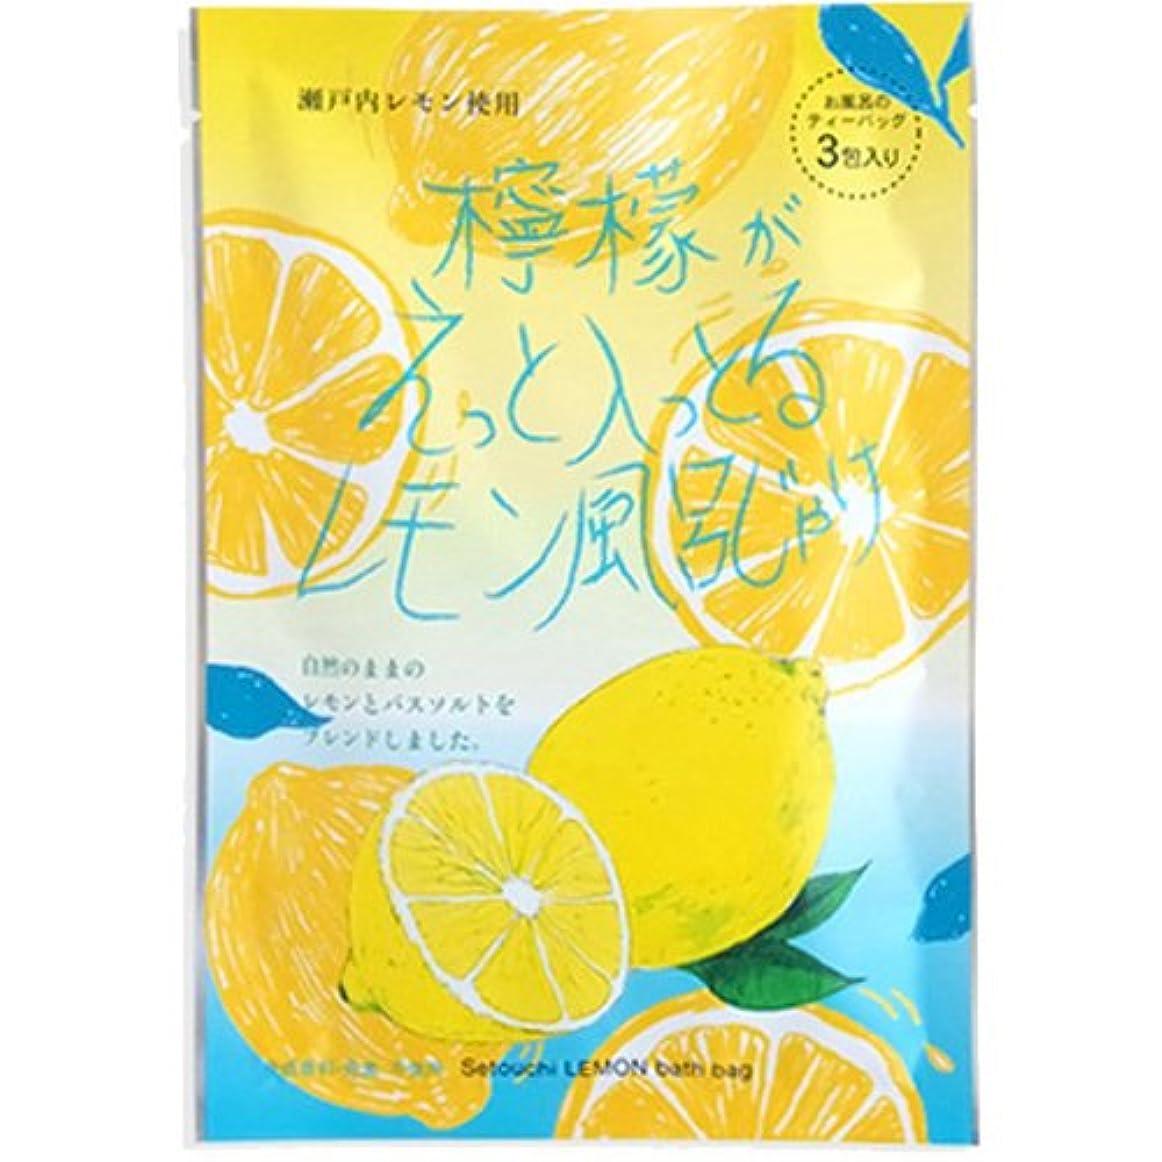 革新器具添付檸檬がえっと入っとるレモン風呂じゃけ